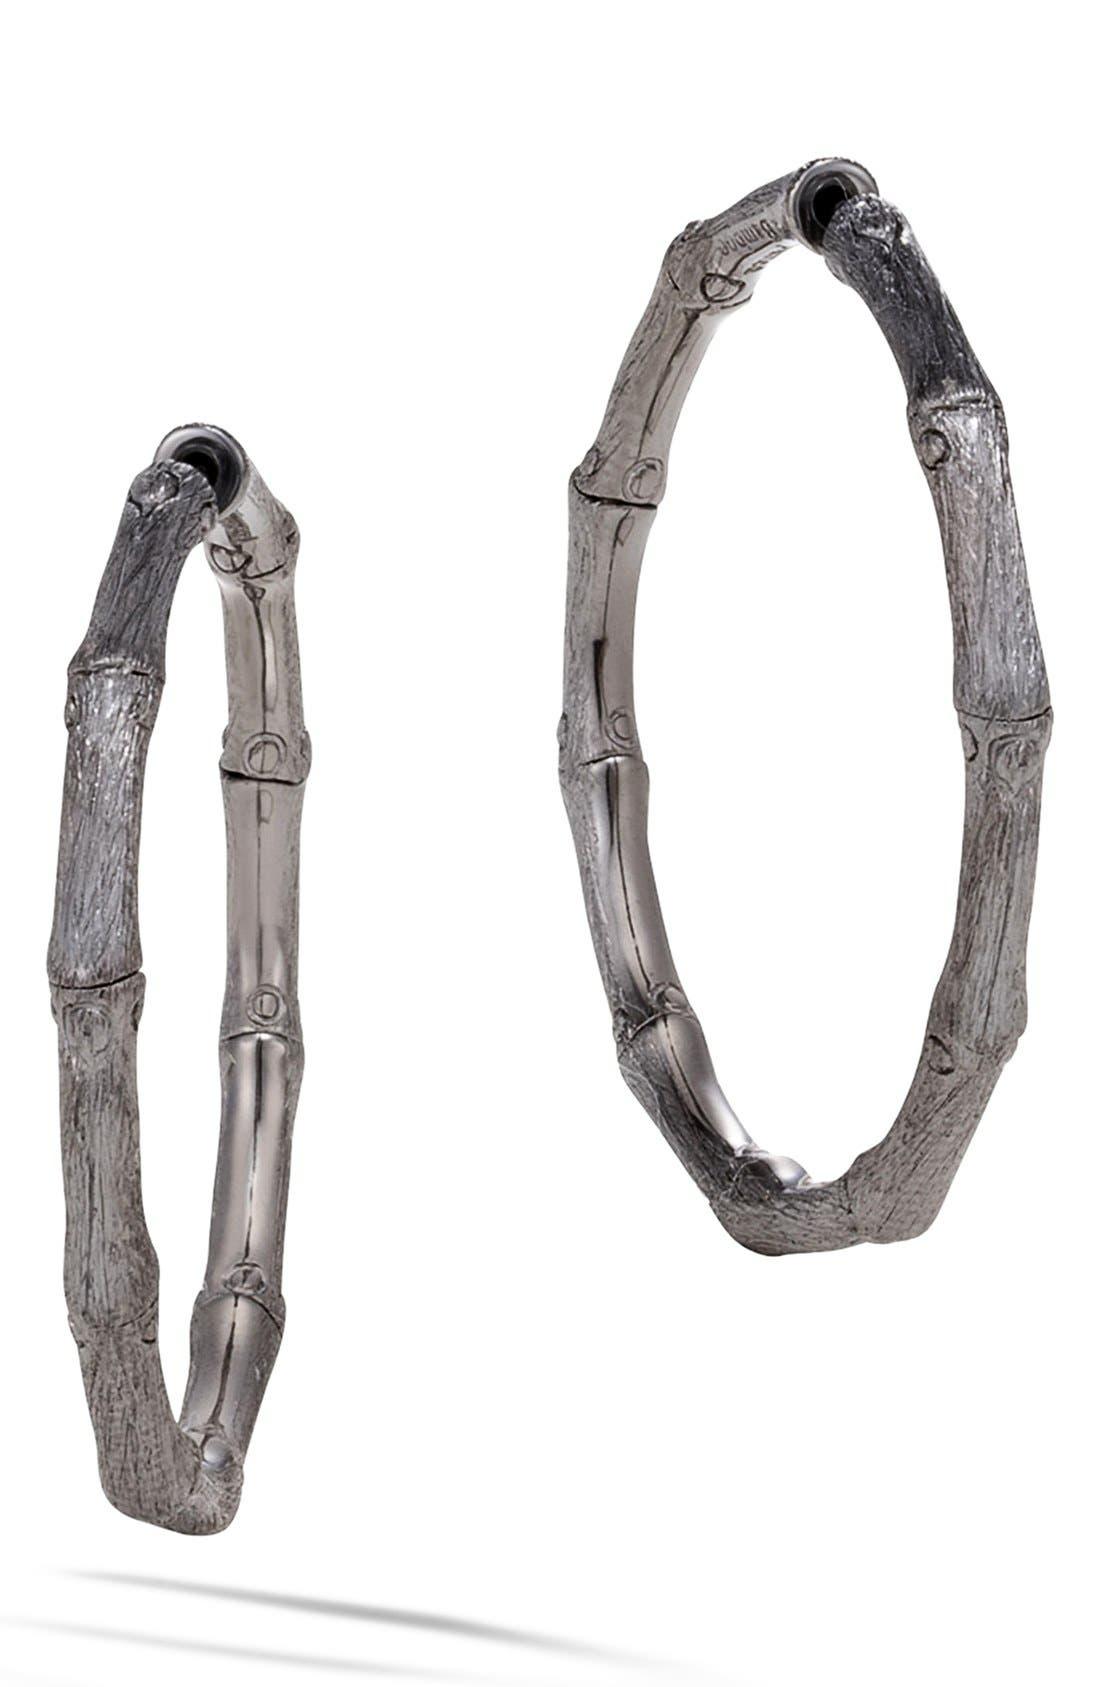 Bamboo Medium Hoop Earrings,                         Main,                         color, Silver/ Black Rhodium